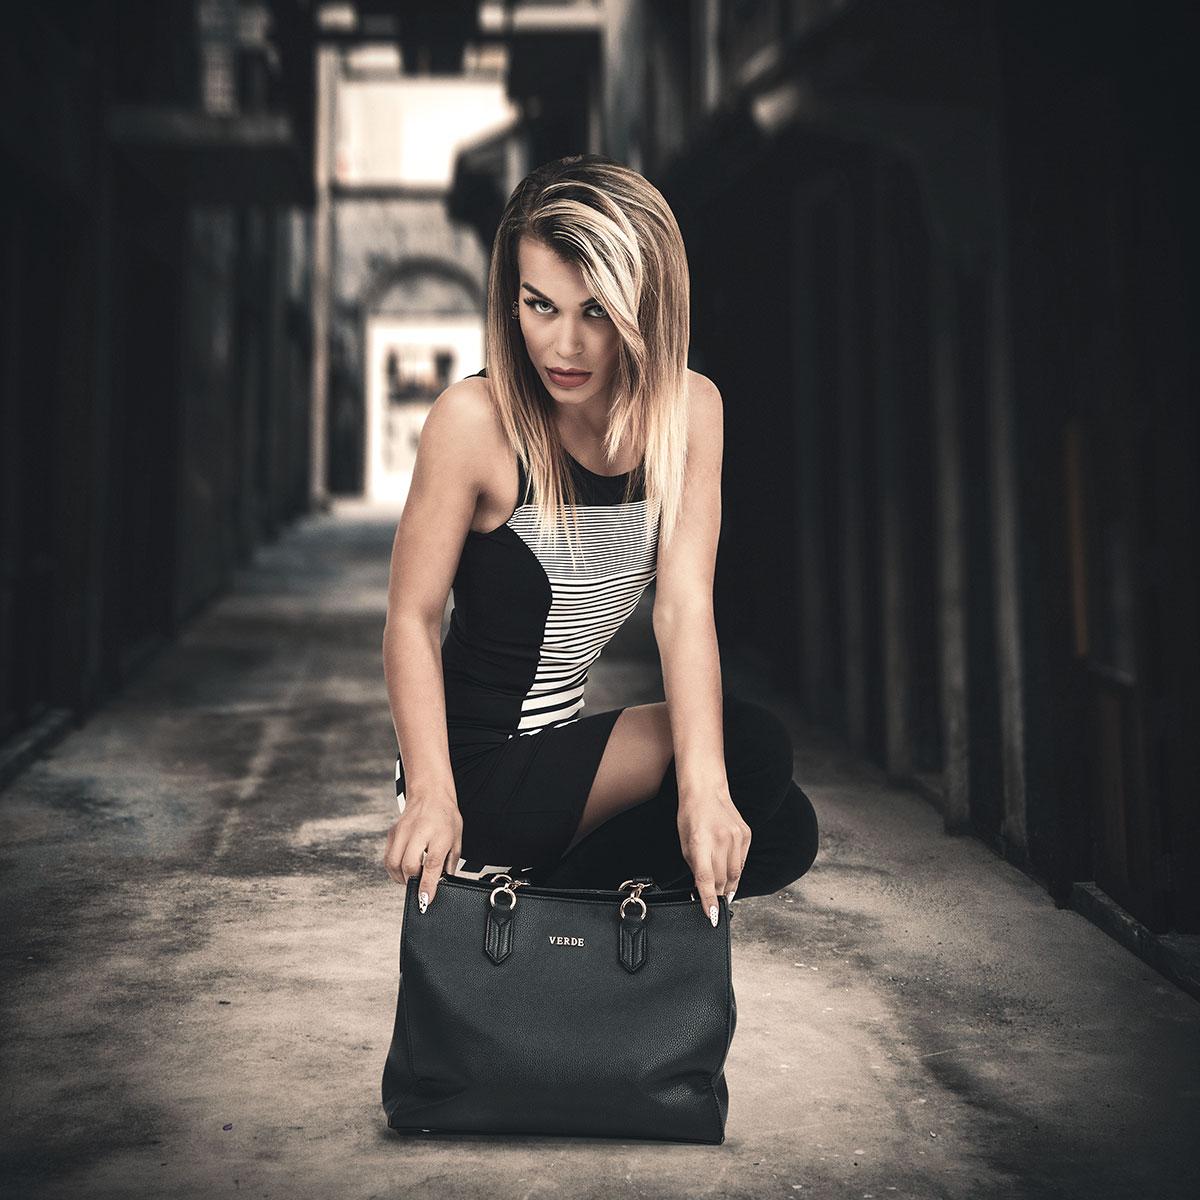 Advertising of a handbag